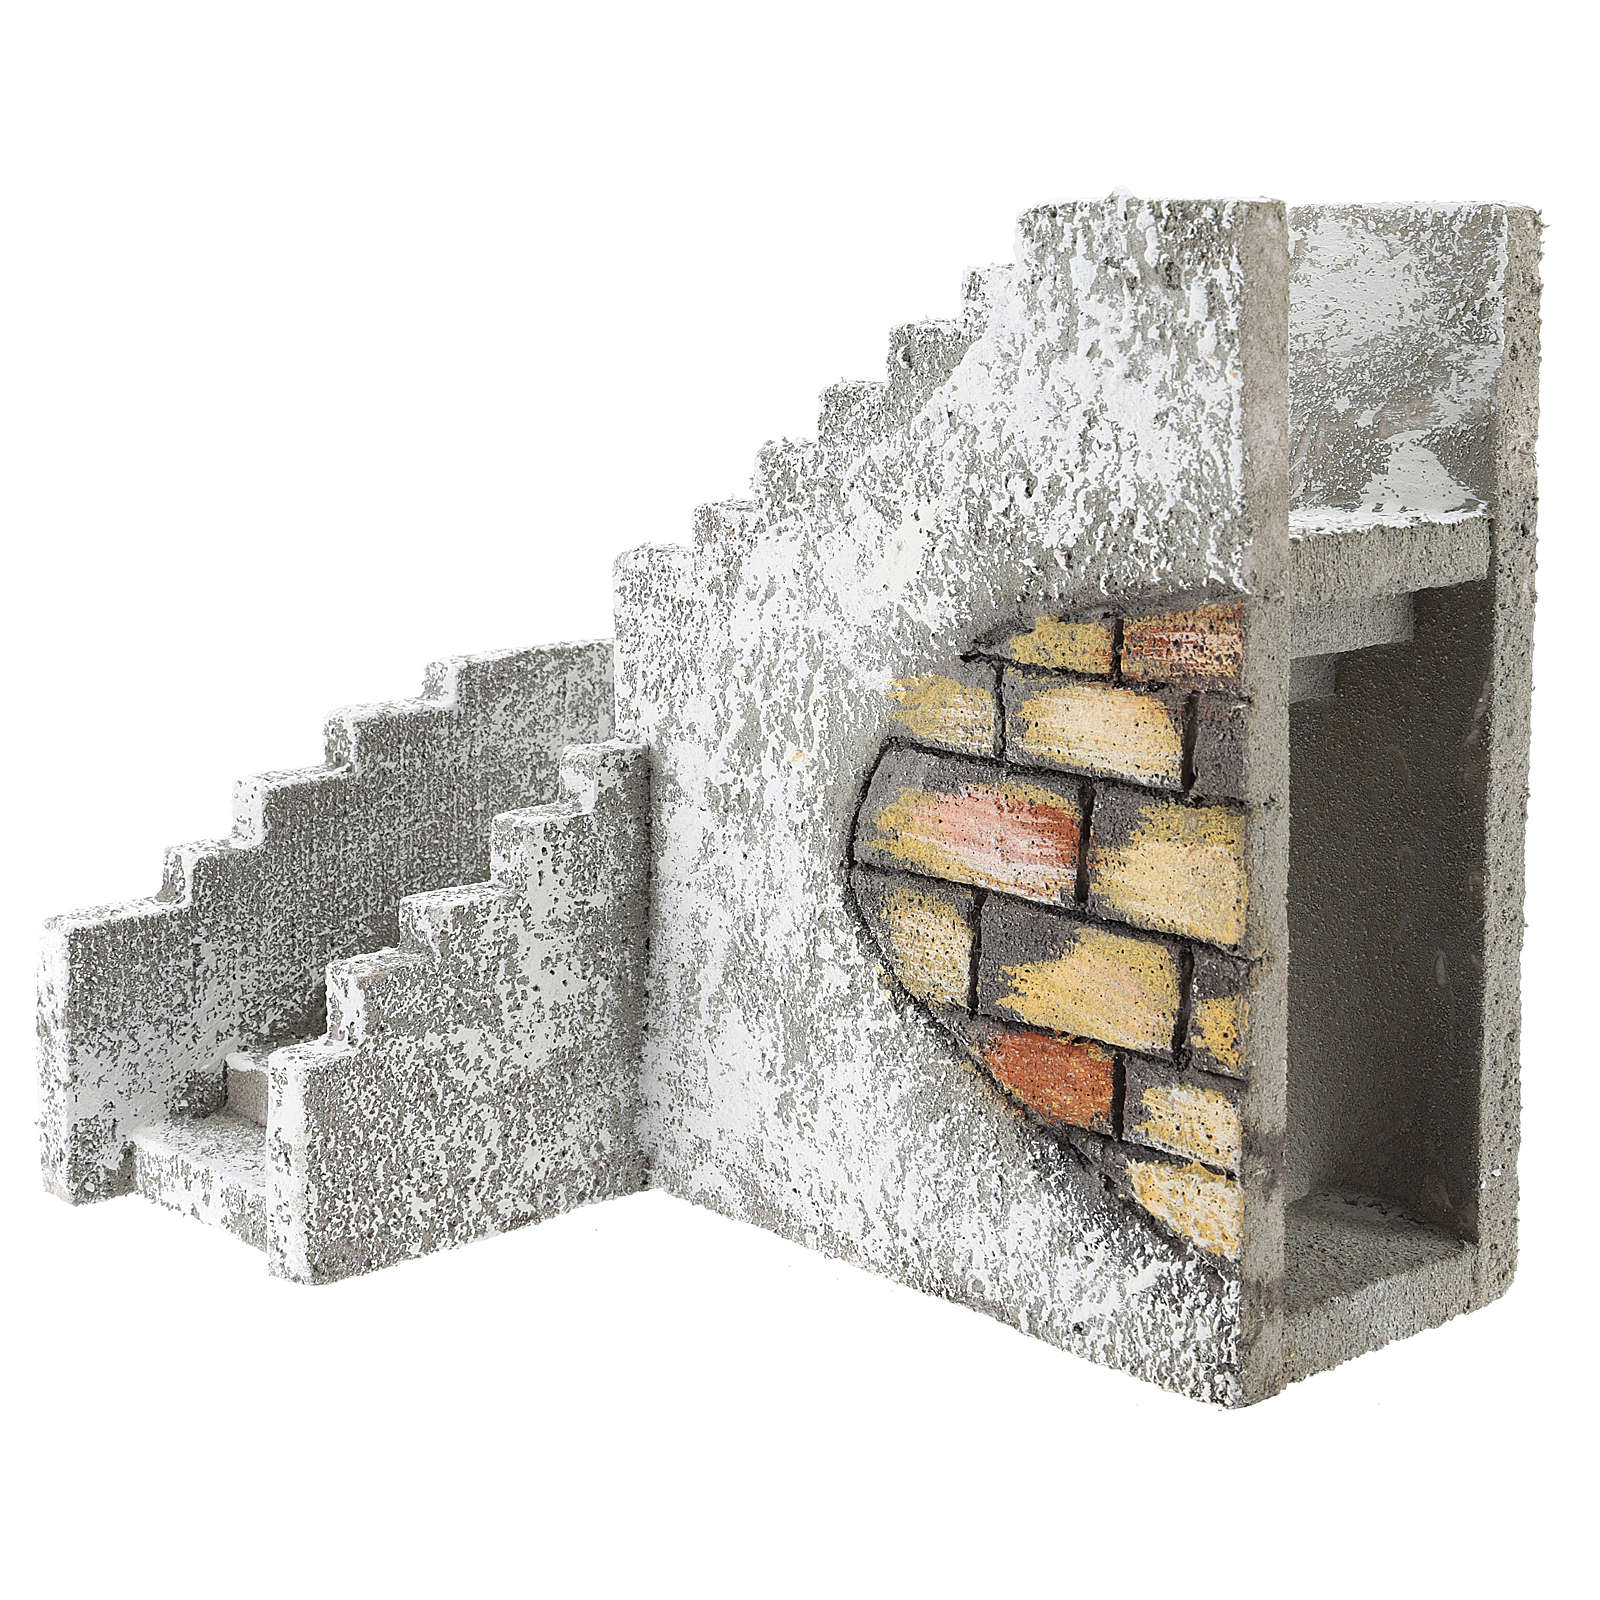 Corner staircase for Neapolitan Nativity Scene of 8 cm 4